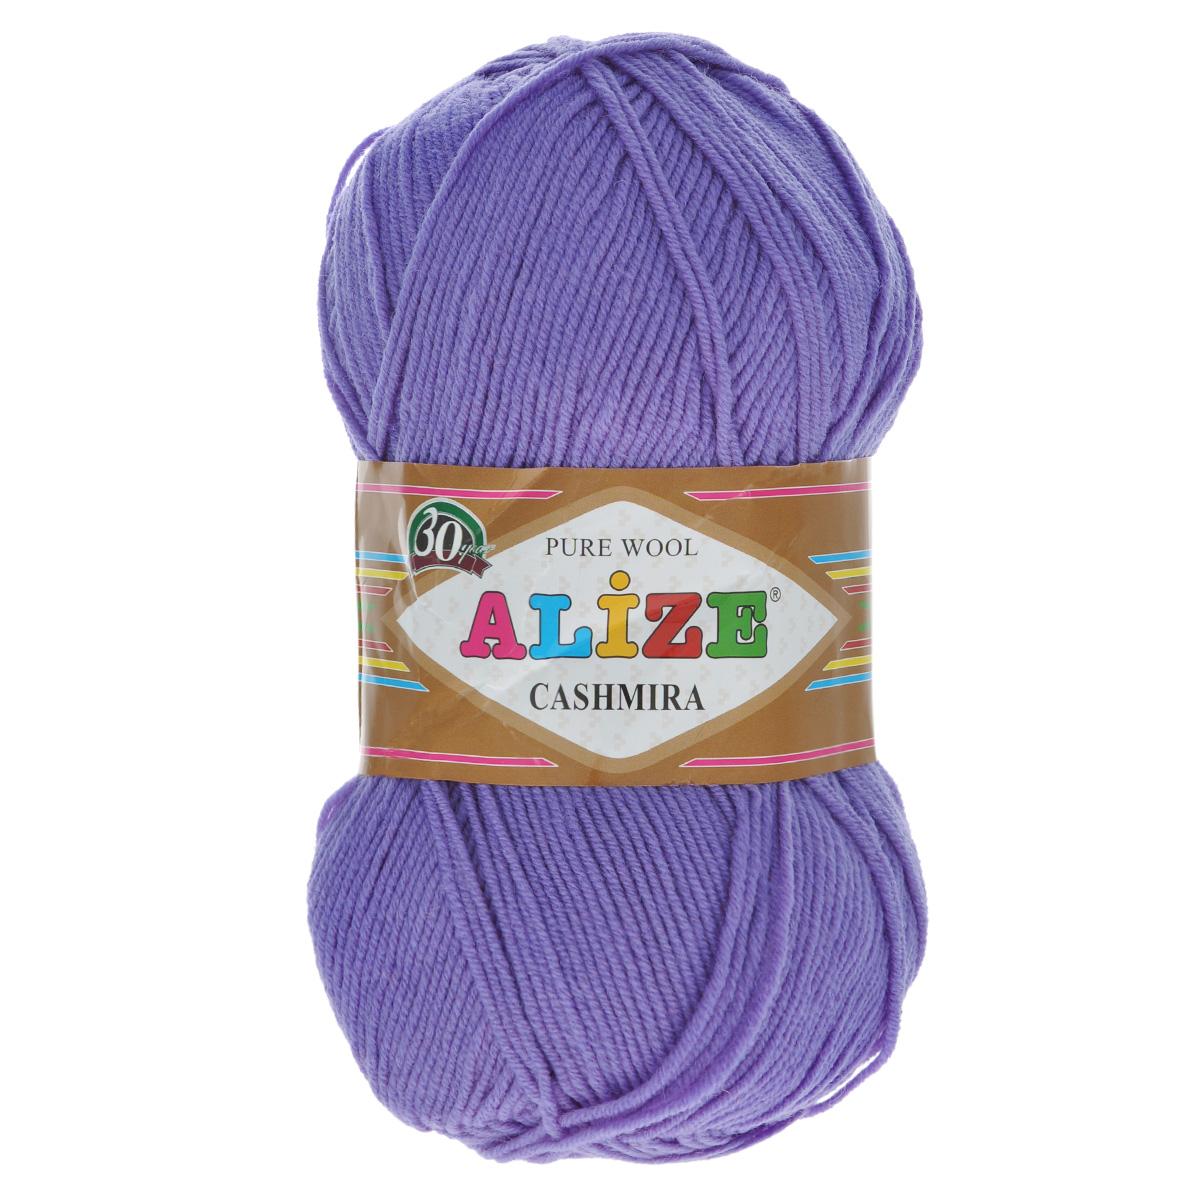 Пряжа для вязания Alize Cashmira, цвет: темно-лиловый (65), 300 м, 100 г, 5 шт364009_65Пряжа для вязания Alize Cashmira изготовлена из 100% шерсти. Пряжа упругая, эластичная, тёплая, уютная и не колется, что очень подходит для детей. Тоненькая нитка прекрасно подойдет для вязки демисезонных вещей. Пряжа легко распускается и перевязывается несколько раз, не деформируясь и не влияя на вид изделия. Натуральная шерстяная нить, обеспечивает изделию прекрасную форму. Рекомендуется ручная стирка при температуре 30 °C. Рекомендованные спицы № 3-5, крючок № 2-4.